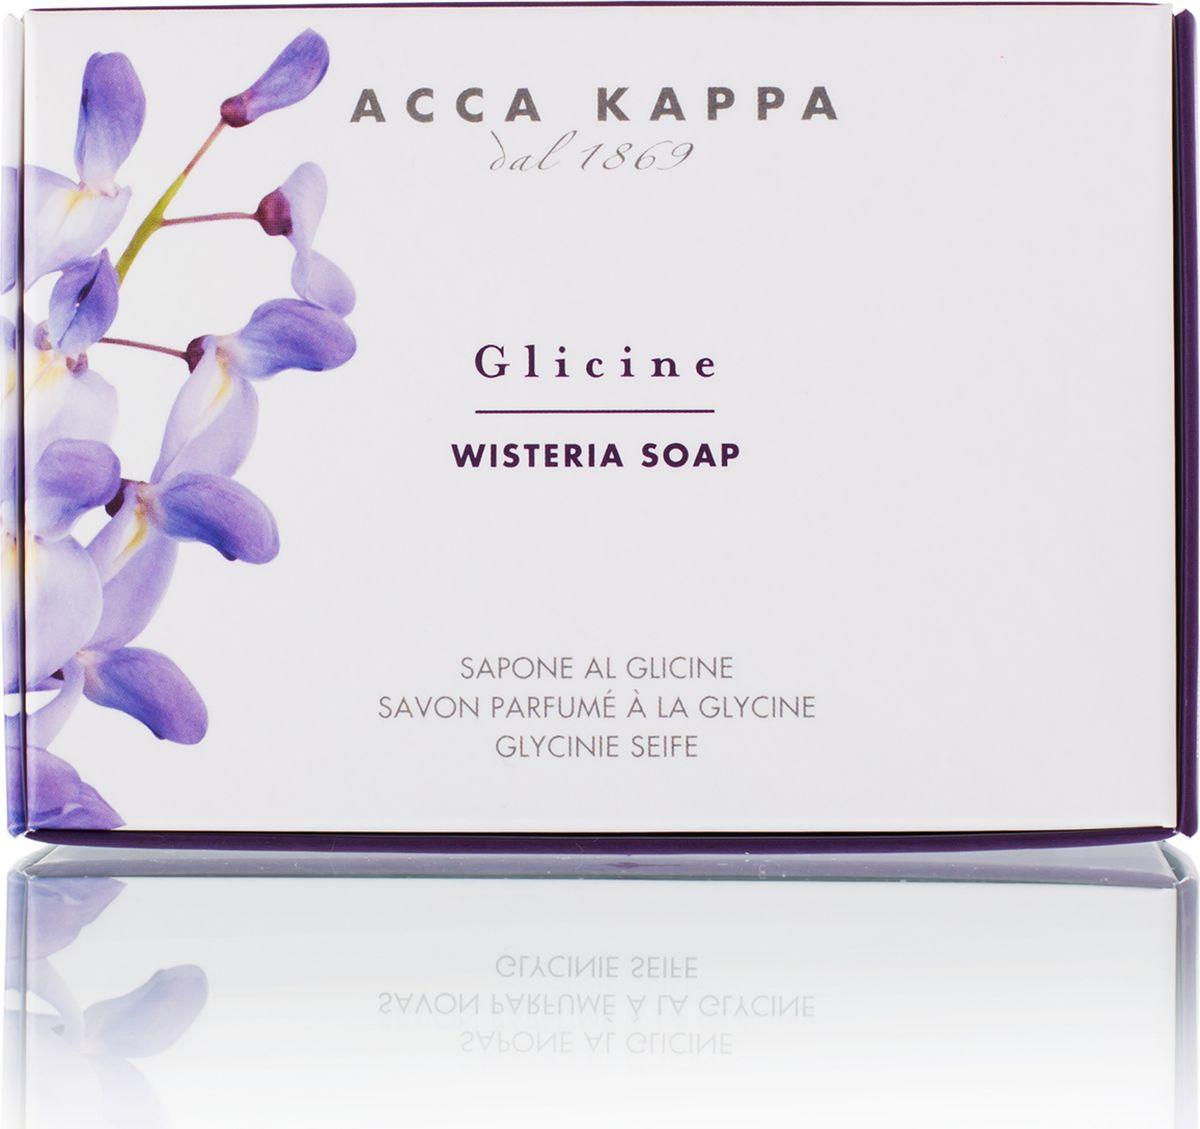 Растительное мыло Acca Kappa Глициния, 150 г853352Растительное мыло Глициния деликатно очищает кожу. Идеально подходит для всех типов кожи. Растительные компоненты получены из кокосового масла и сахарного тростника, прекрасно очищают и увлажняют кожу. Экстракты мелиссы лимонной, омелы, ромашки, тысячелистника и хмеля известны своими противовоспалительными свойствами и превосходно дополняют формулу. Так же мыло обогащено аллантоином растительного происхождения, которое обладает заживляющими свойствами и способствует регенерации клеток. Характеристики: Вес: 150 г. Производитель: Италия. Товар сертифицирован.